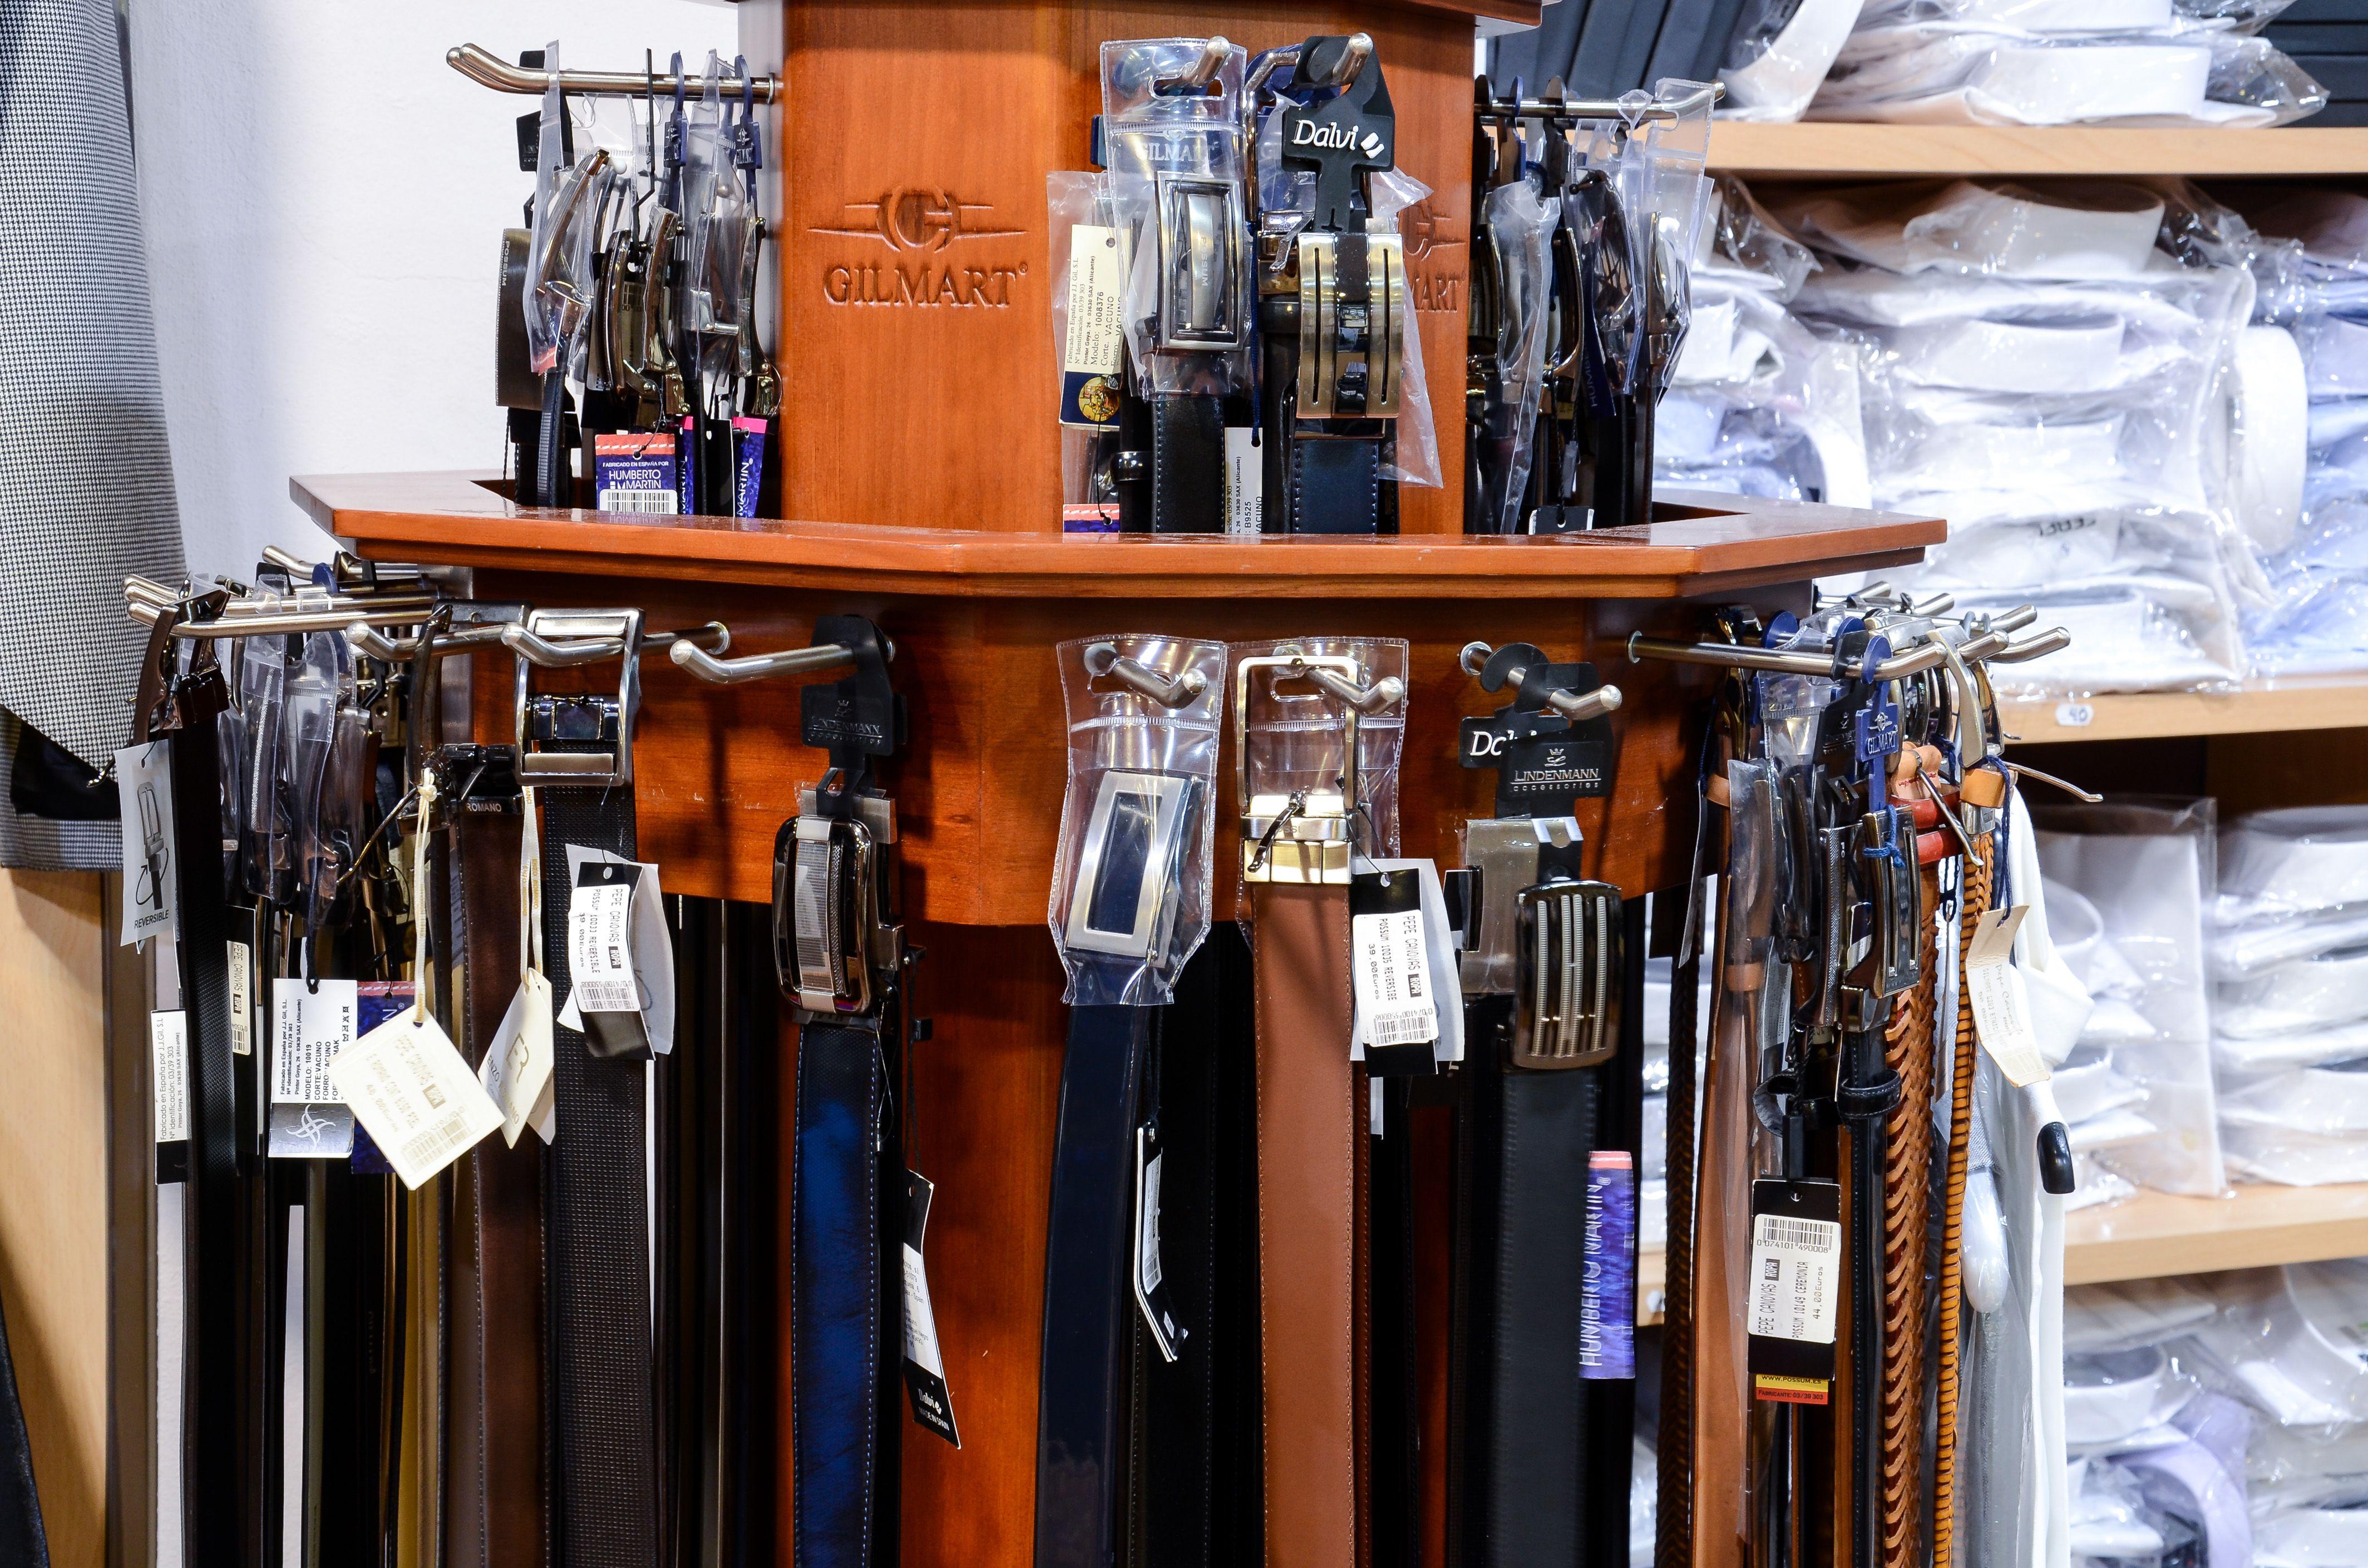 Tienda de cinturones y complementos para hombre en Totana